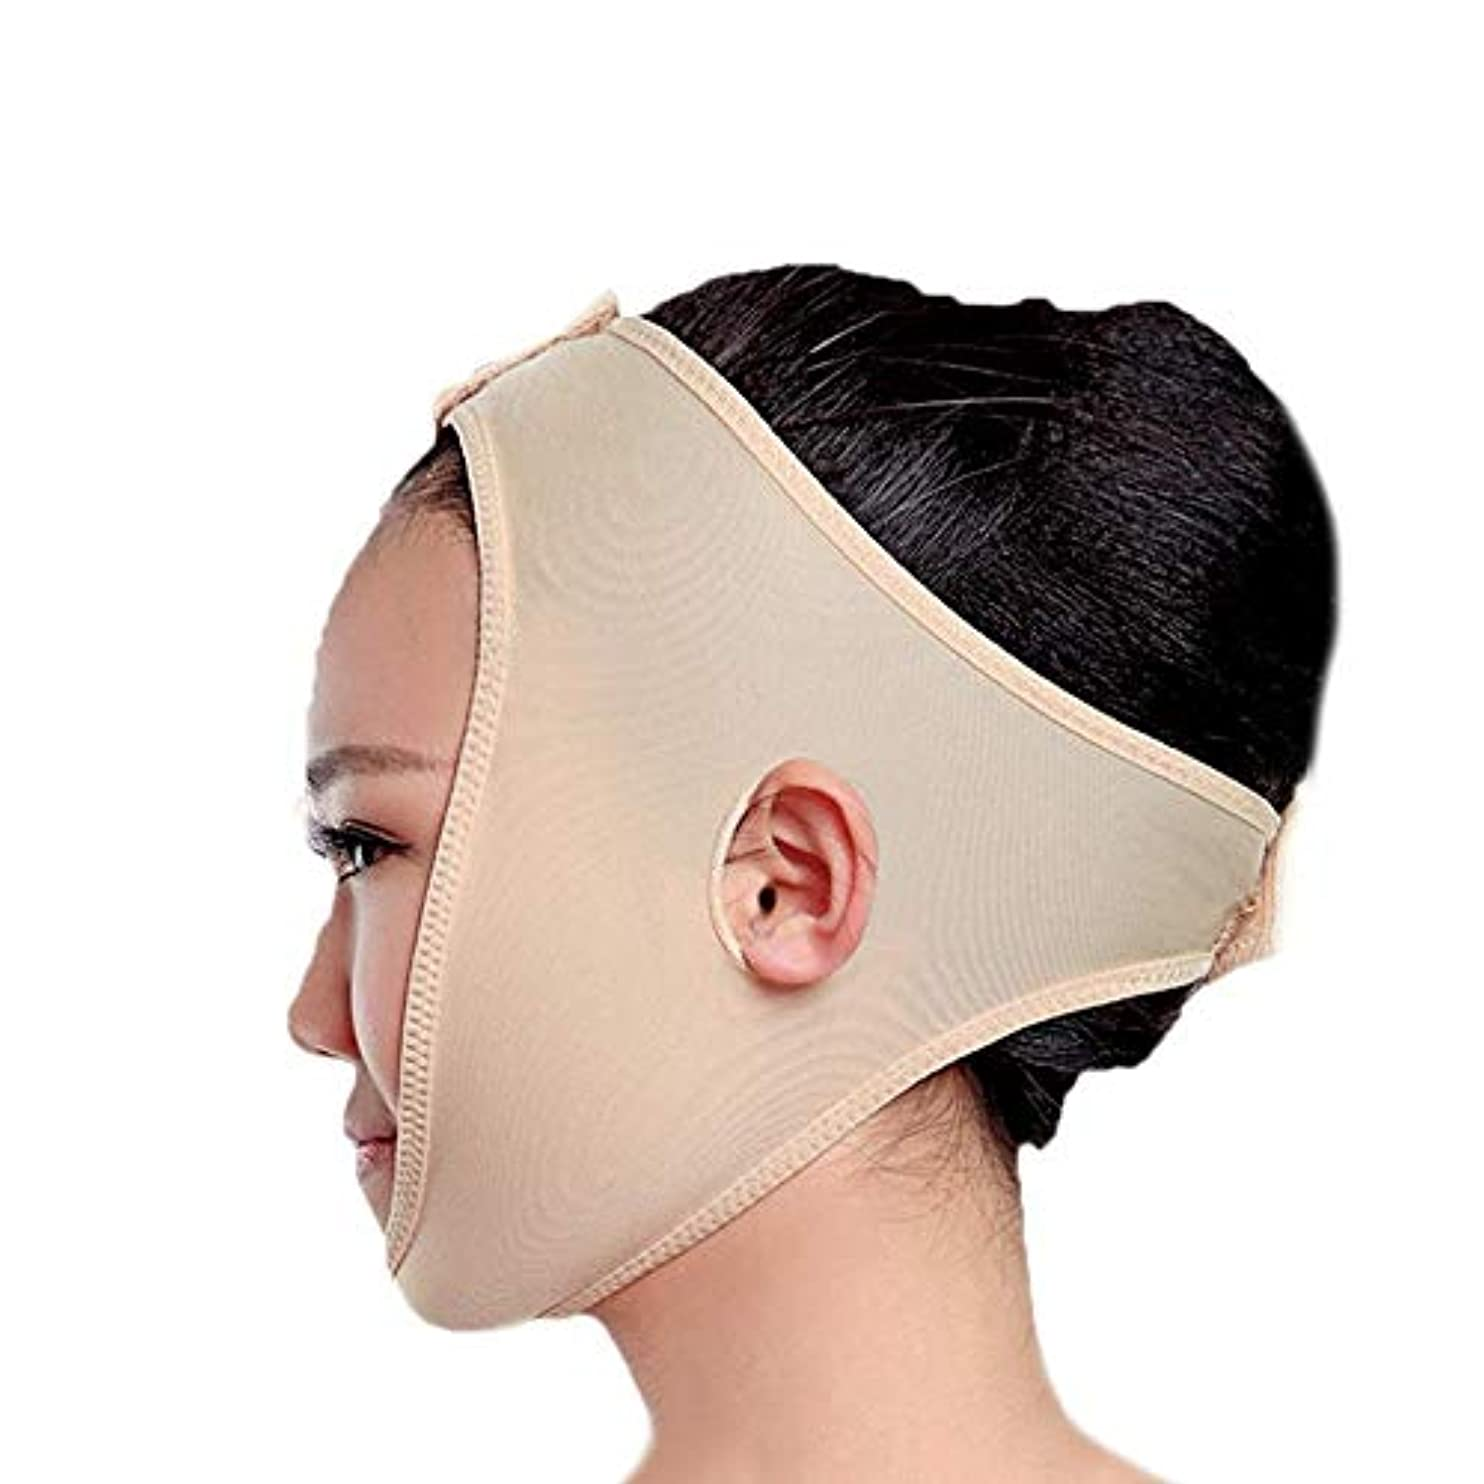 背骨プレミアムシーケンスフェイススリミングマスク、快適さと通気性、フェイシャルリフティング、輪郭の改善された硬さ、ファーミングとリフティングフェイス(カラー:ブラック、サイズ:XL),黄色がかったピンク2、XXL